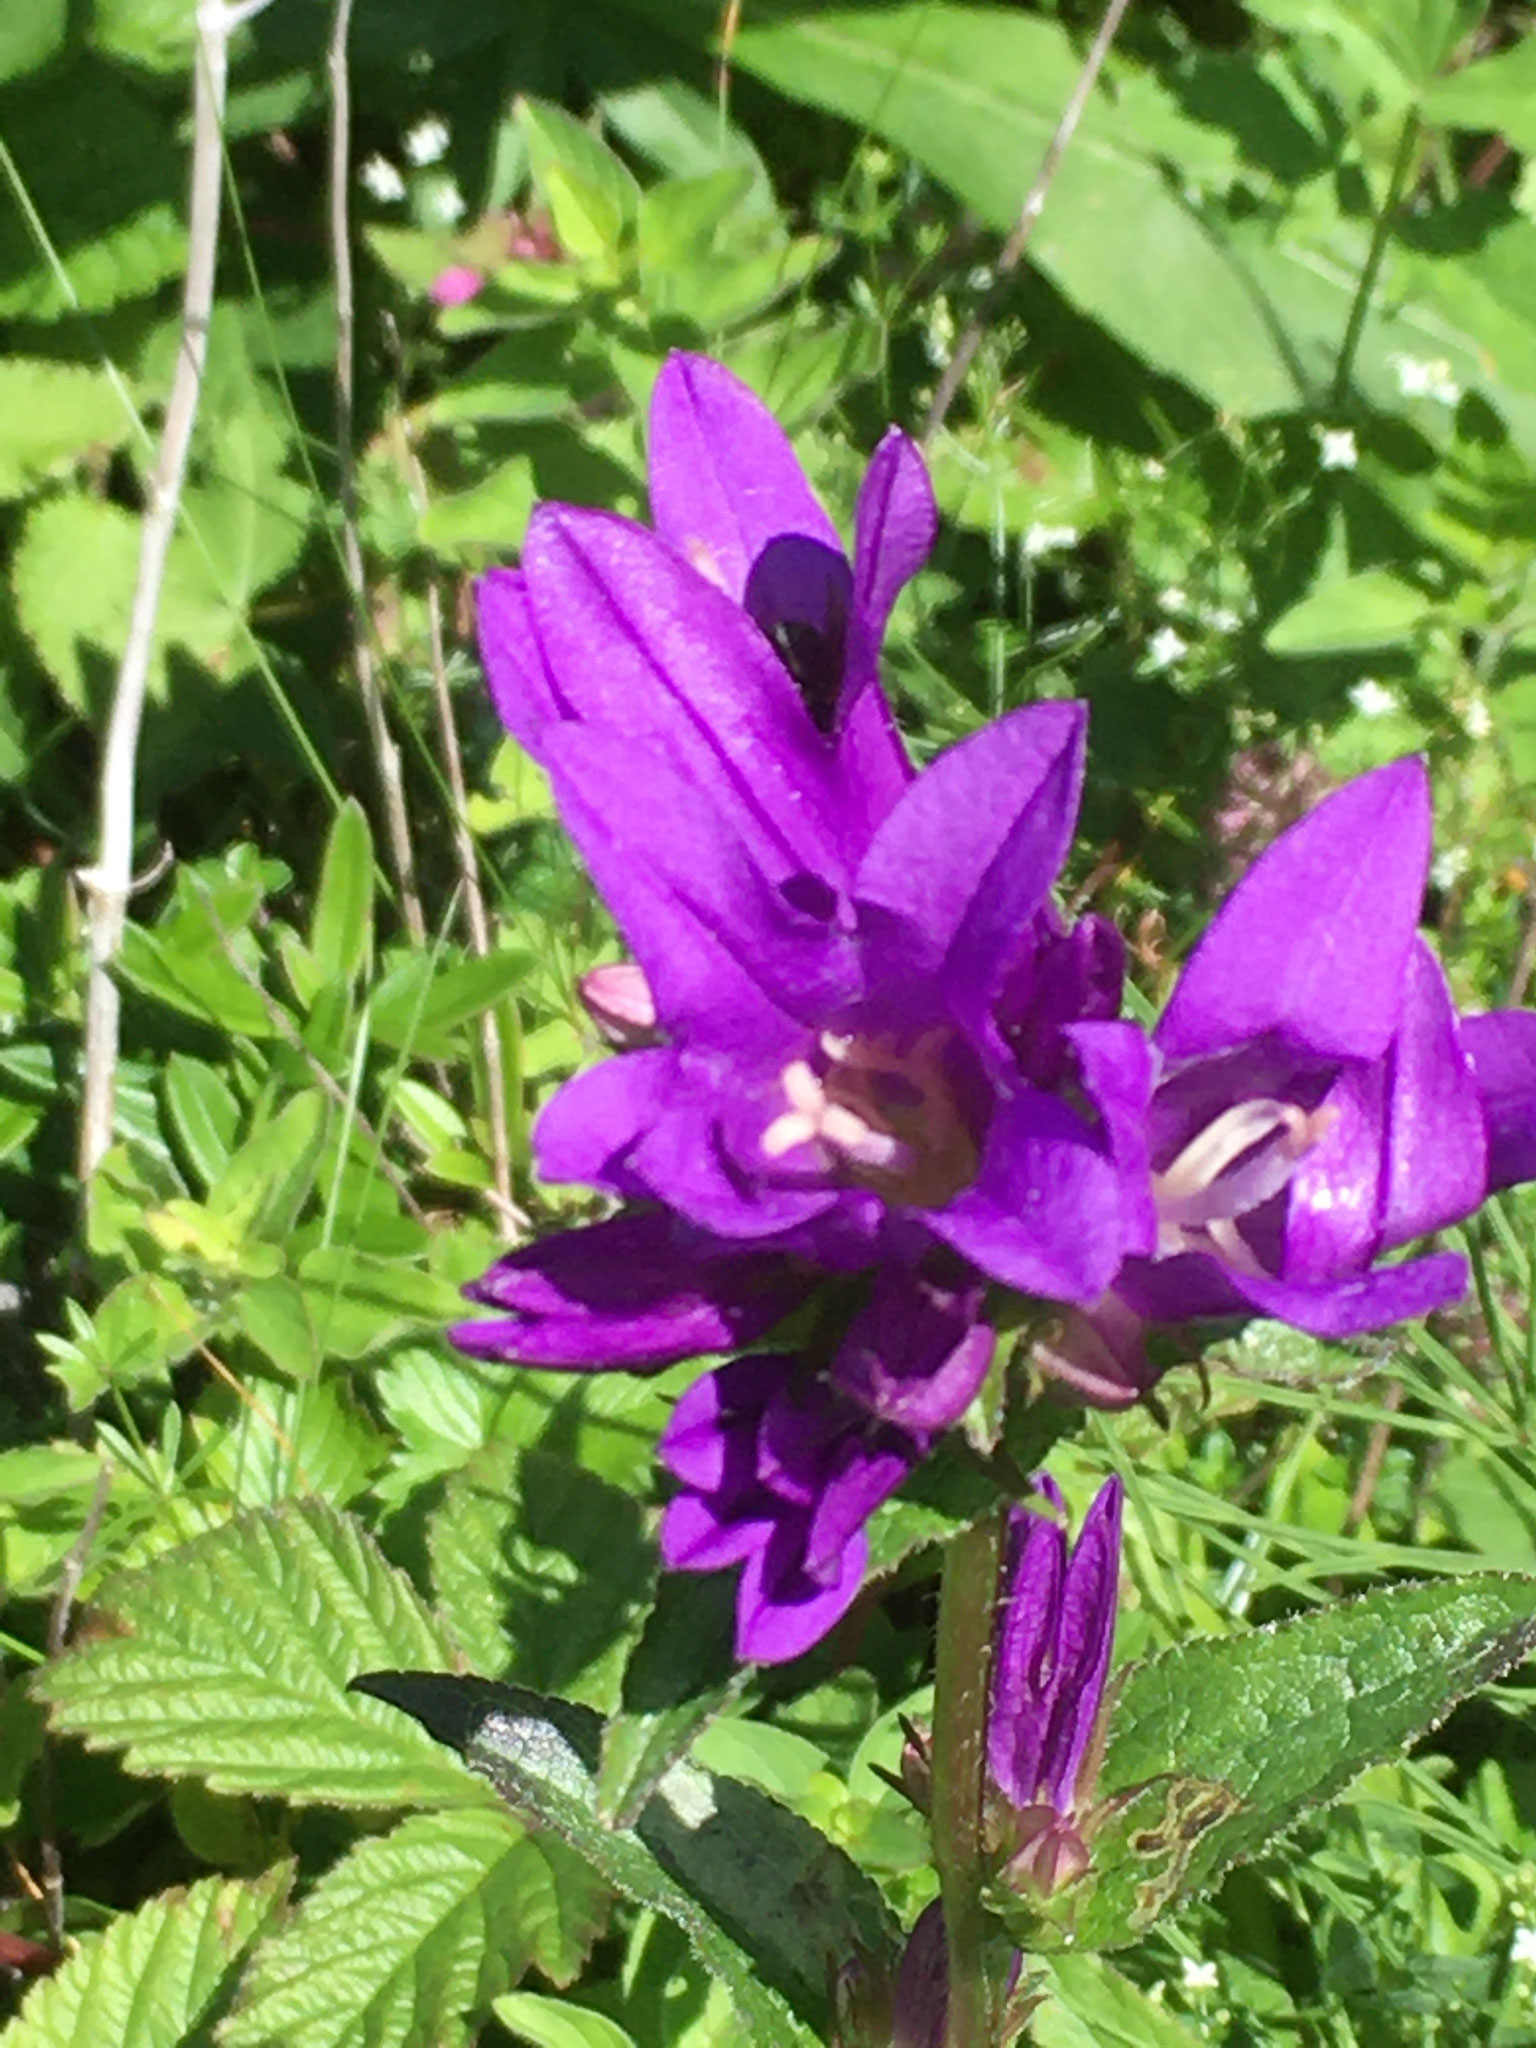 Knäuel Glockenblume (Hintertal)